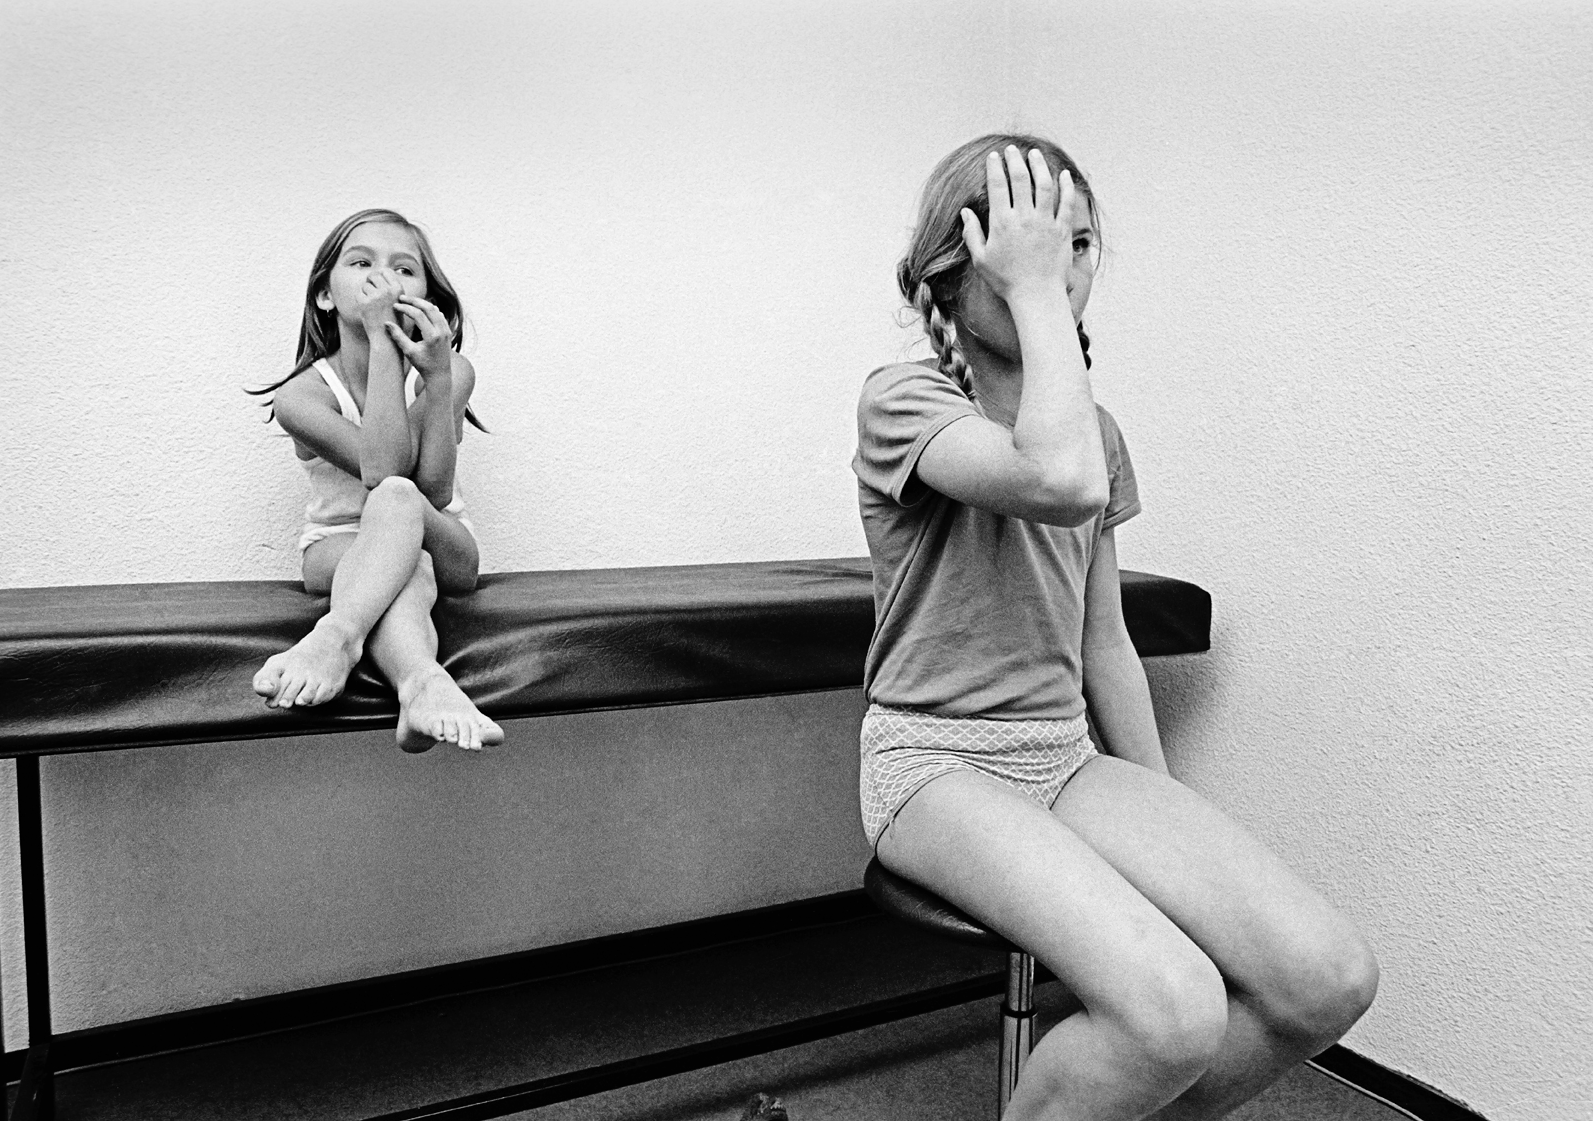 La visite médicale, France 1982.